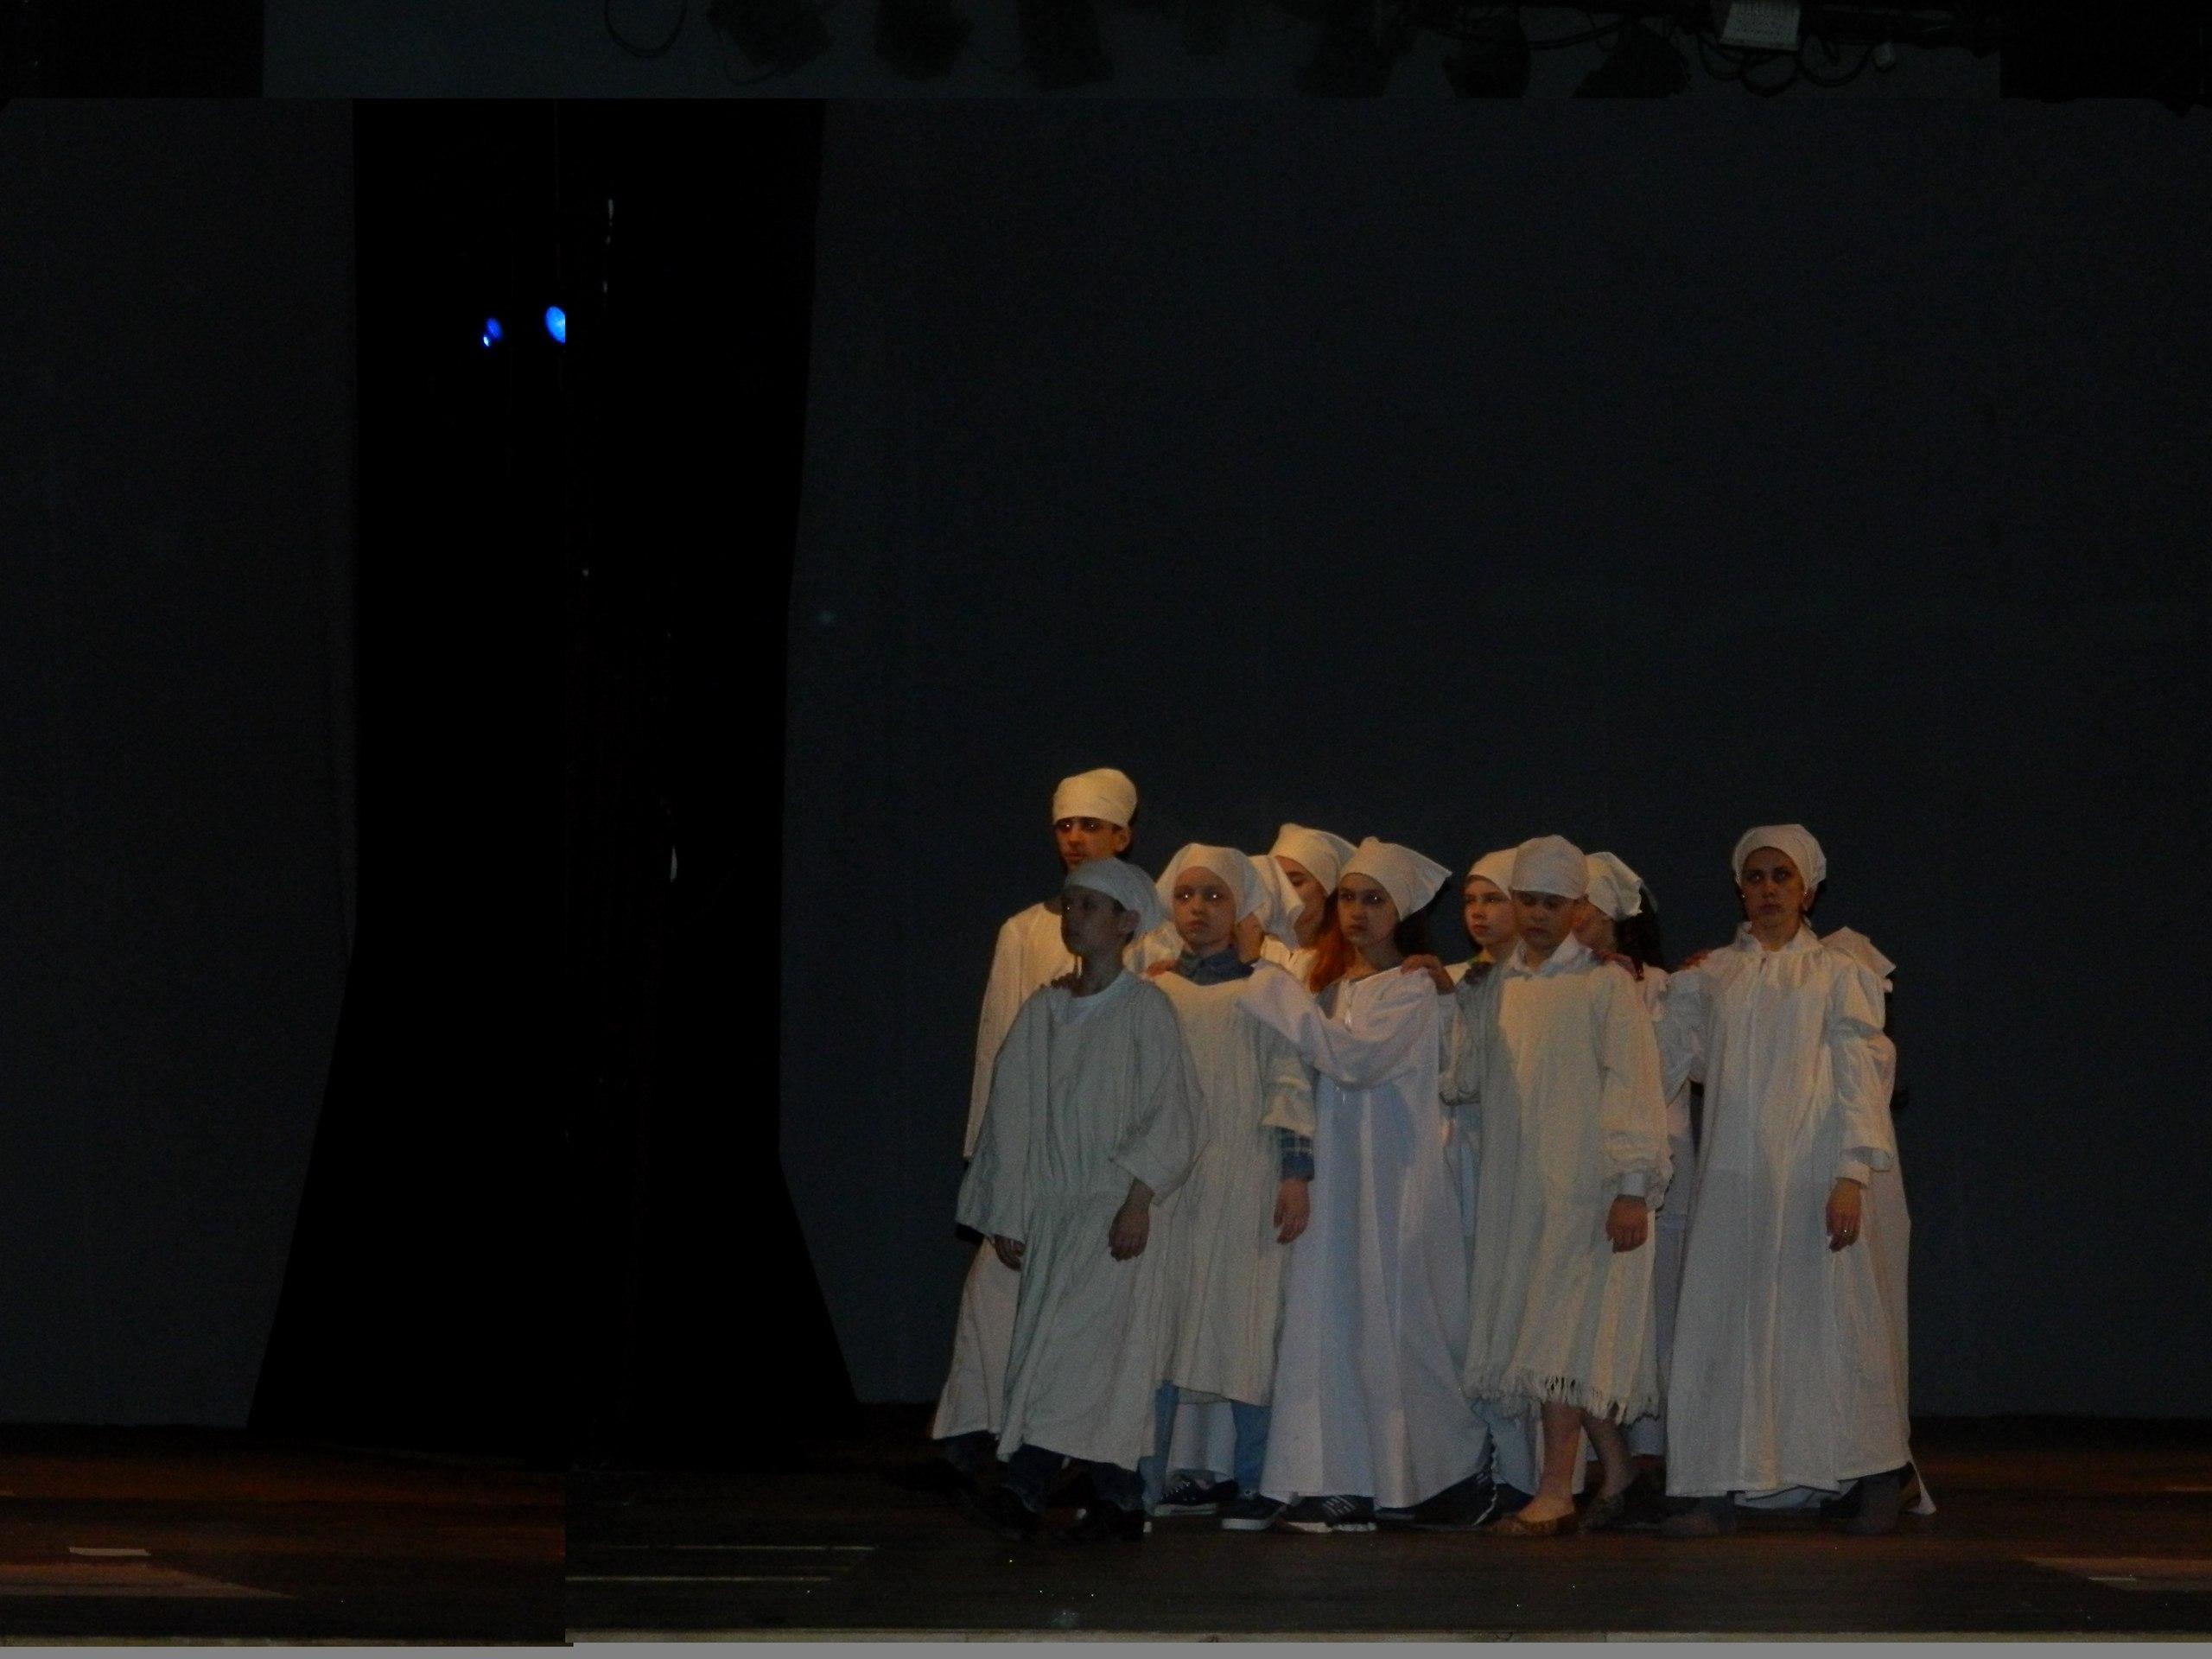 театральная студия репетиция 7